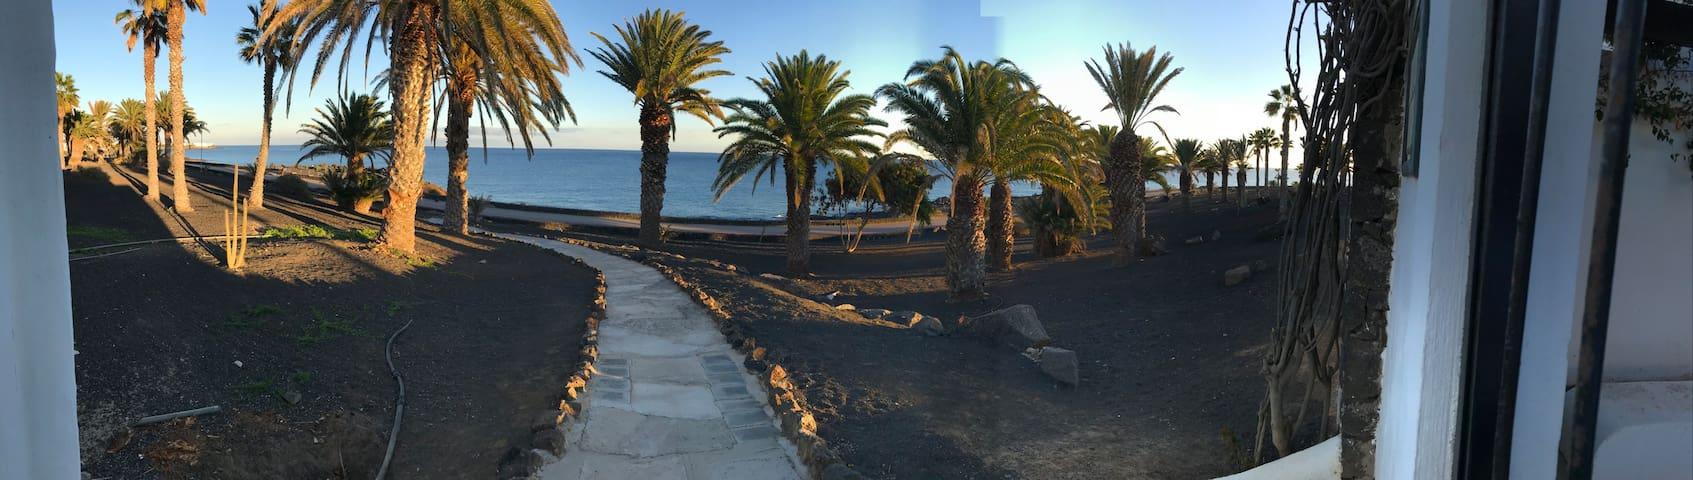 Coqueto bungalow con piscina y acceso directo mar